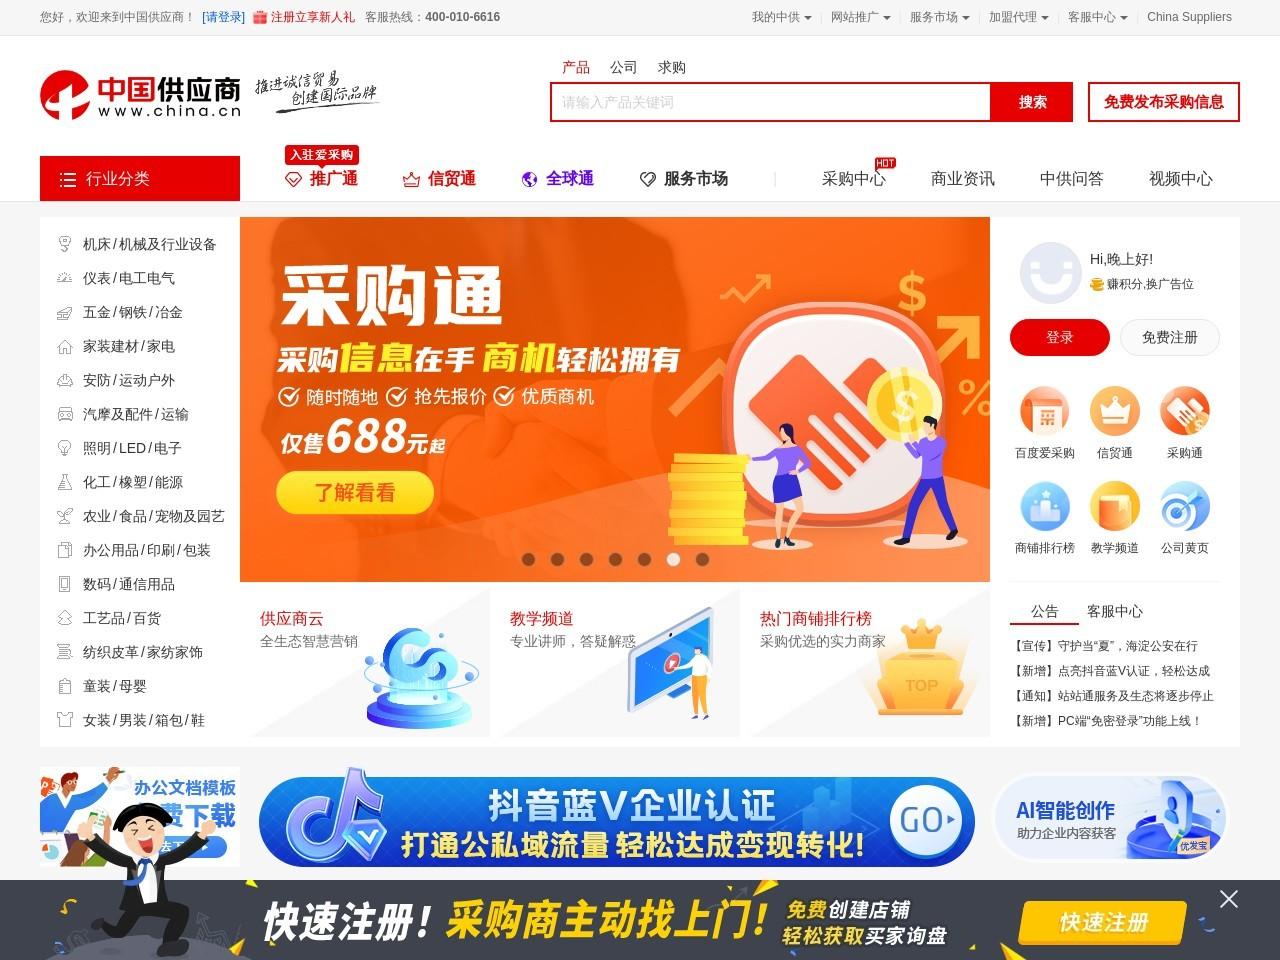 中国供应商截图